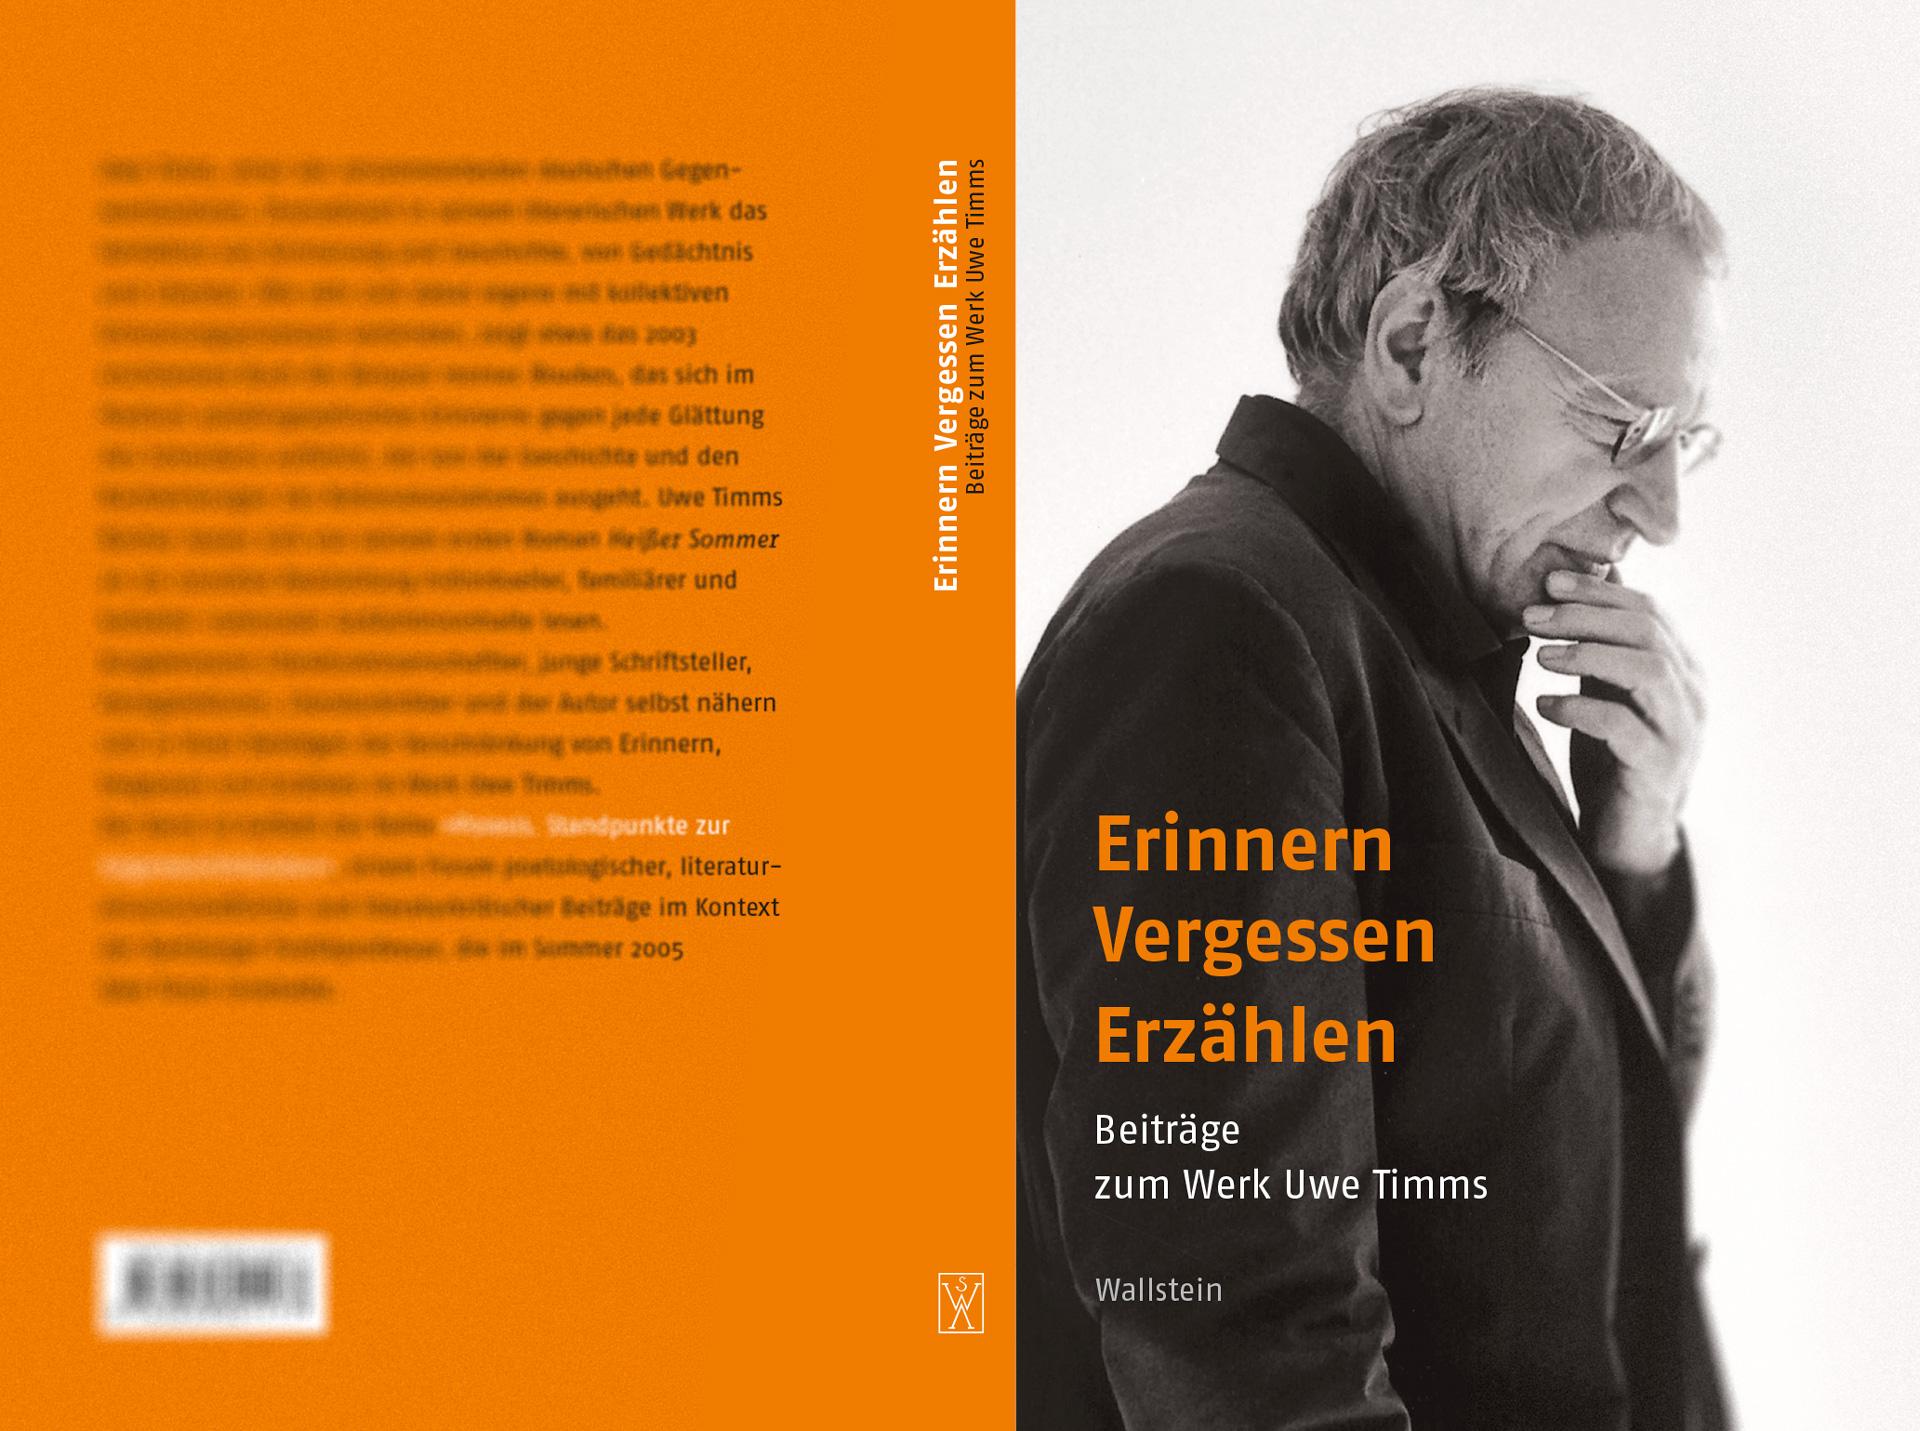 Reihenkonzept »Poiesis. Standpunkte zur Gegenwartsliteratur« - Beiträge zum Werk Uwe Timms, Umschlaggestaltung